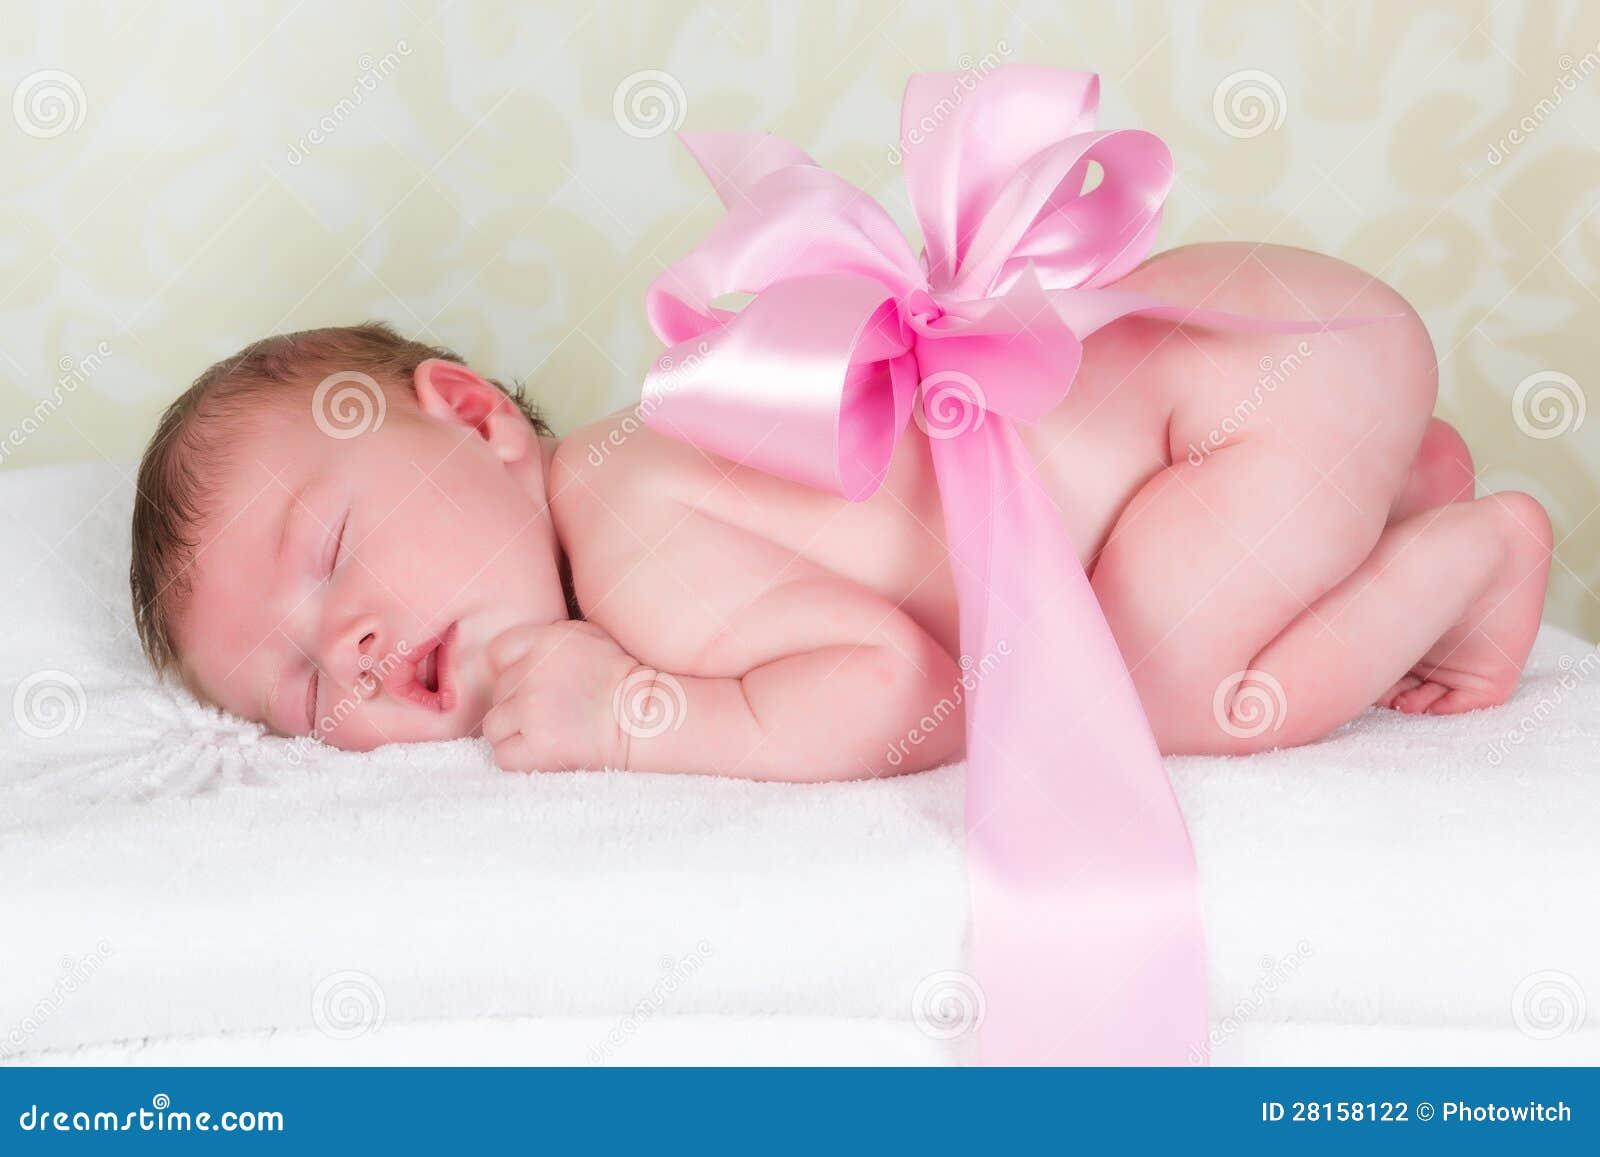 Что такое младенец в подарок